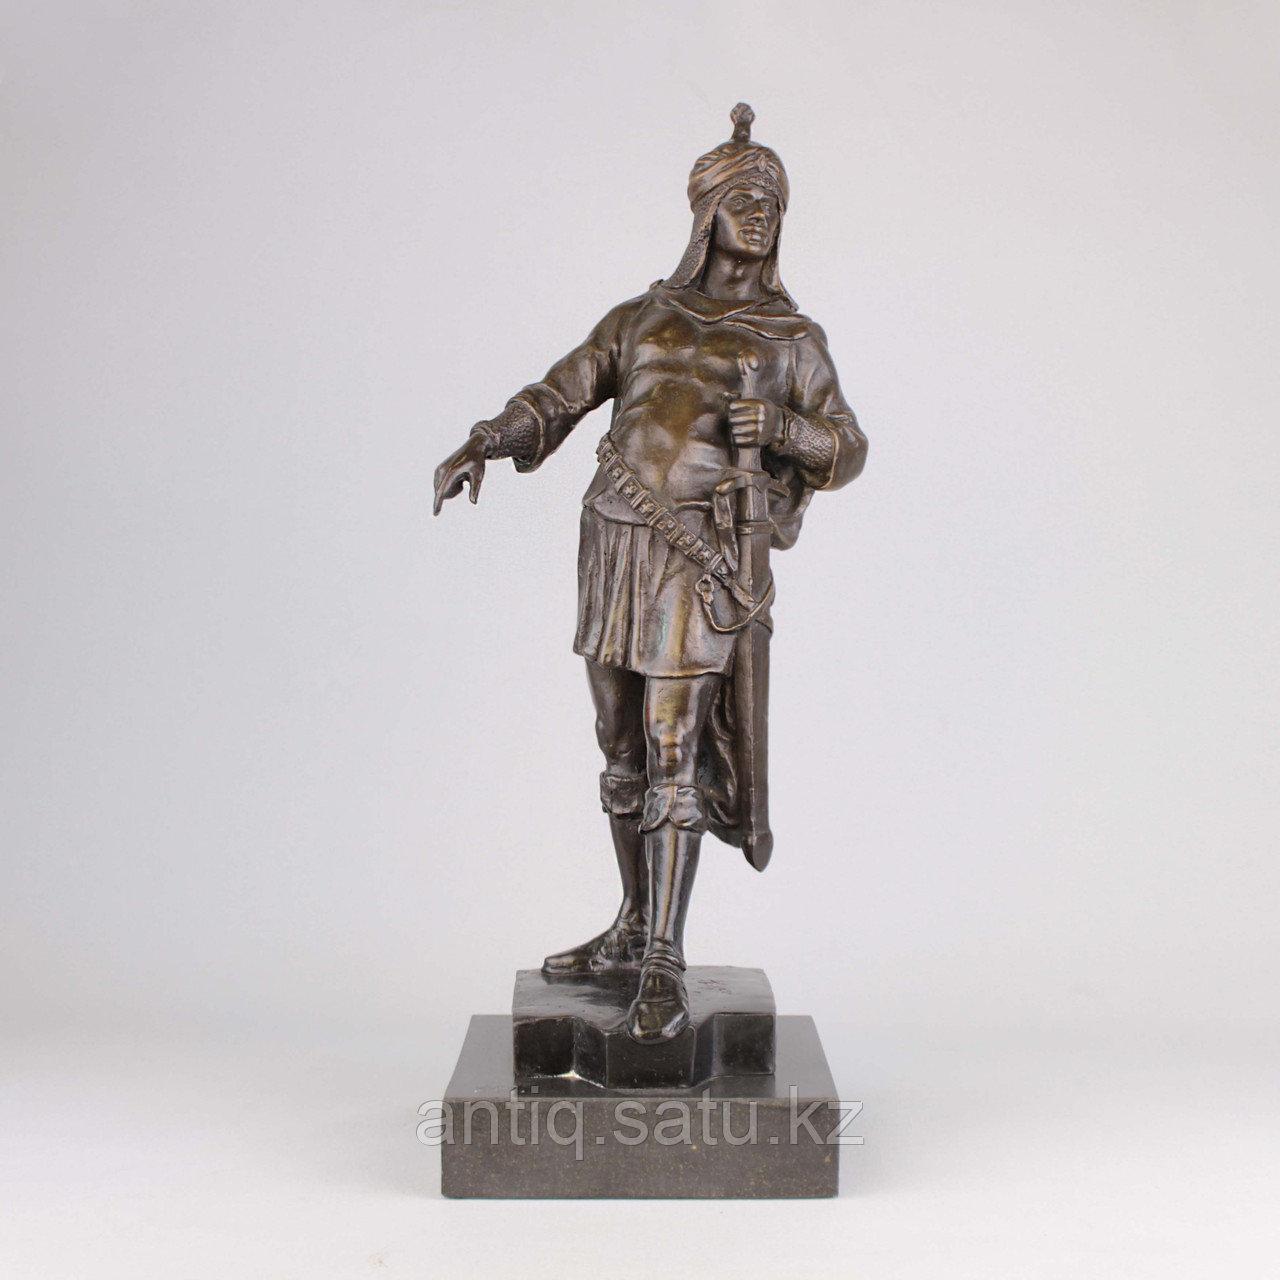 Восточный воин. Западная Европа. ХХ век - фото 1